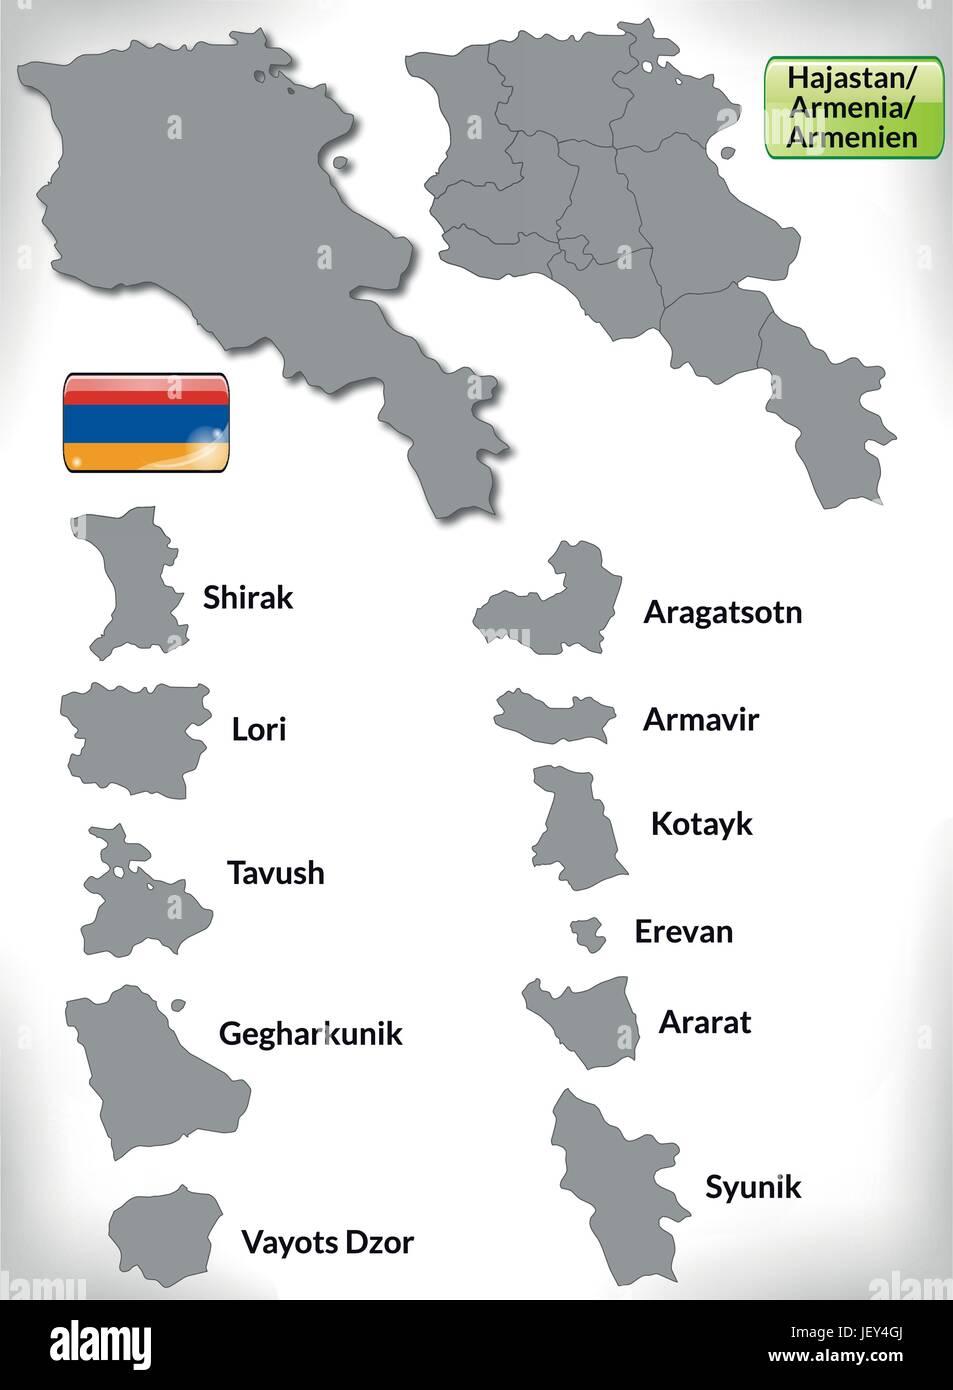 Armenien Karte.Karte Von Armenien Stockfotos Karte Von Armenien Bilder